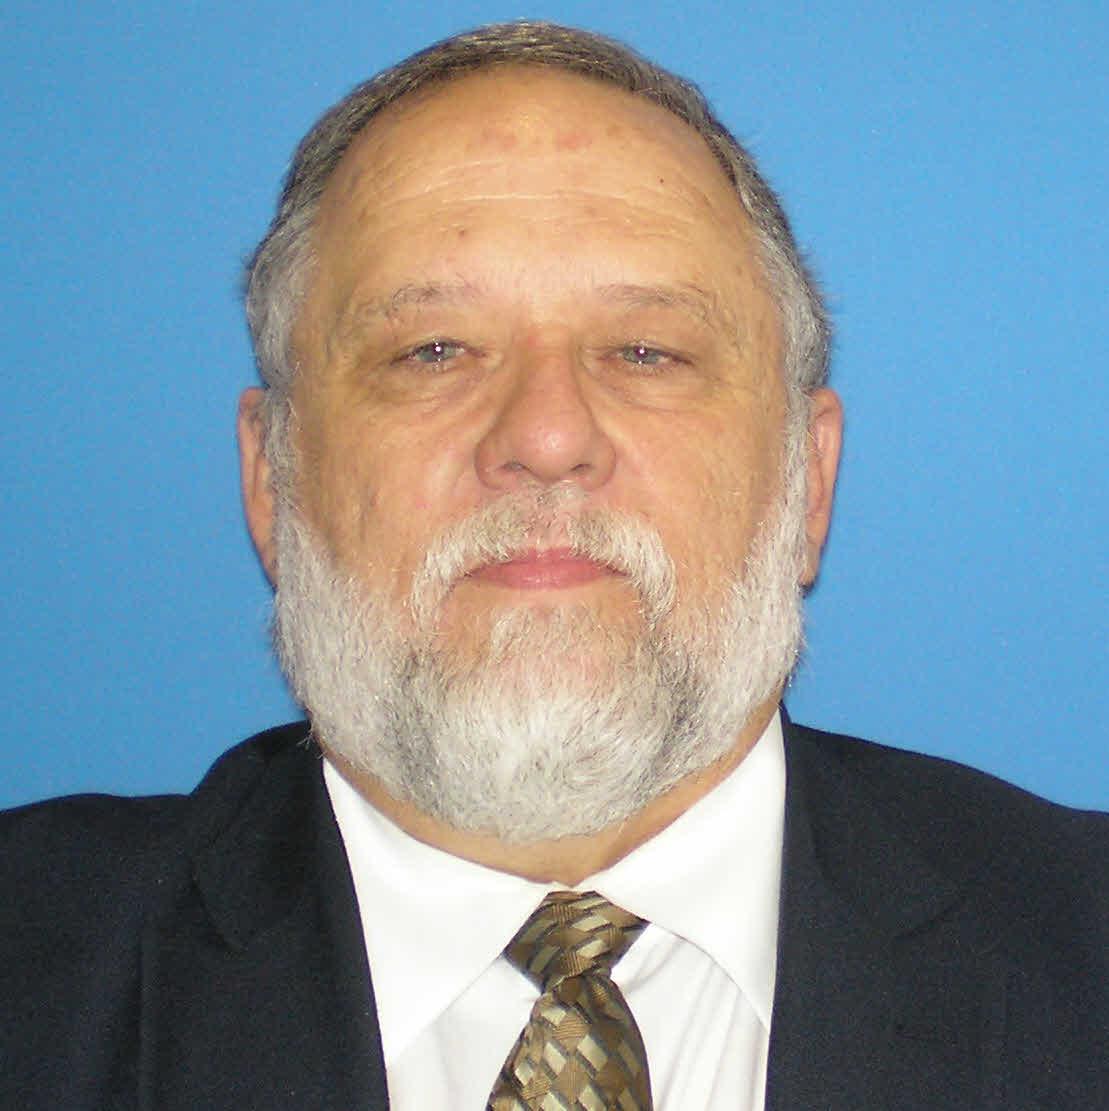 Picture of William Gautreaux